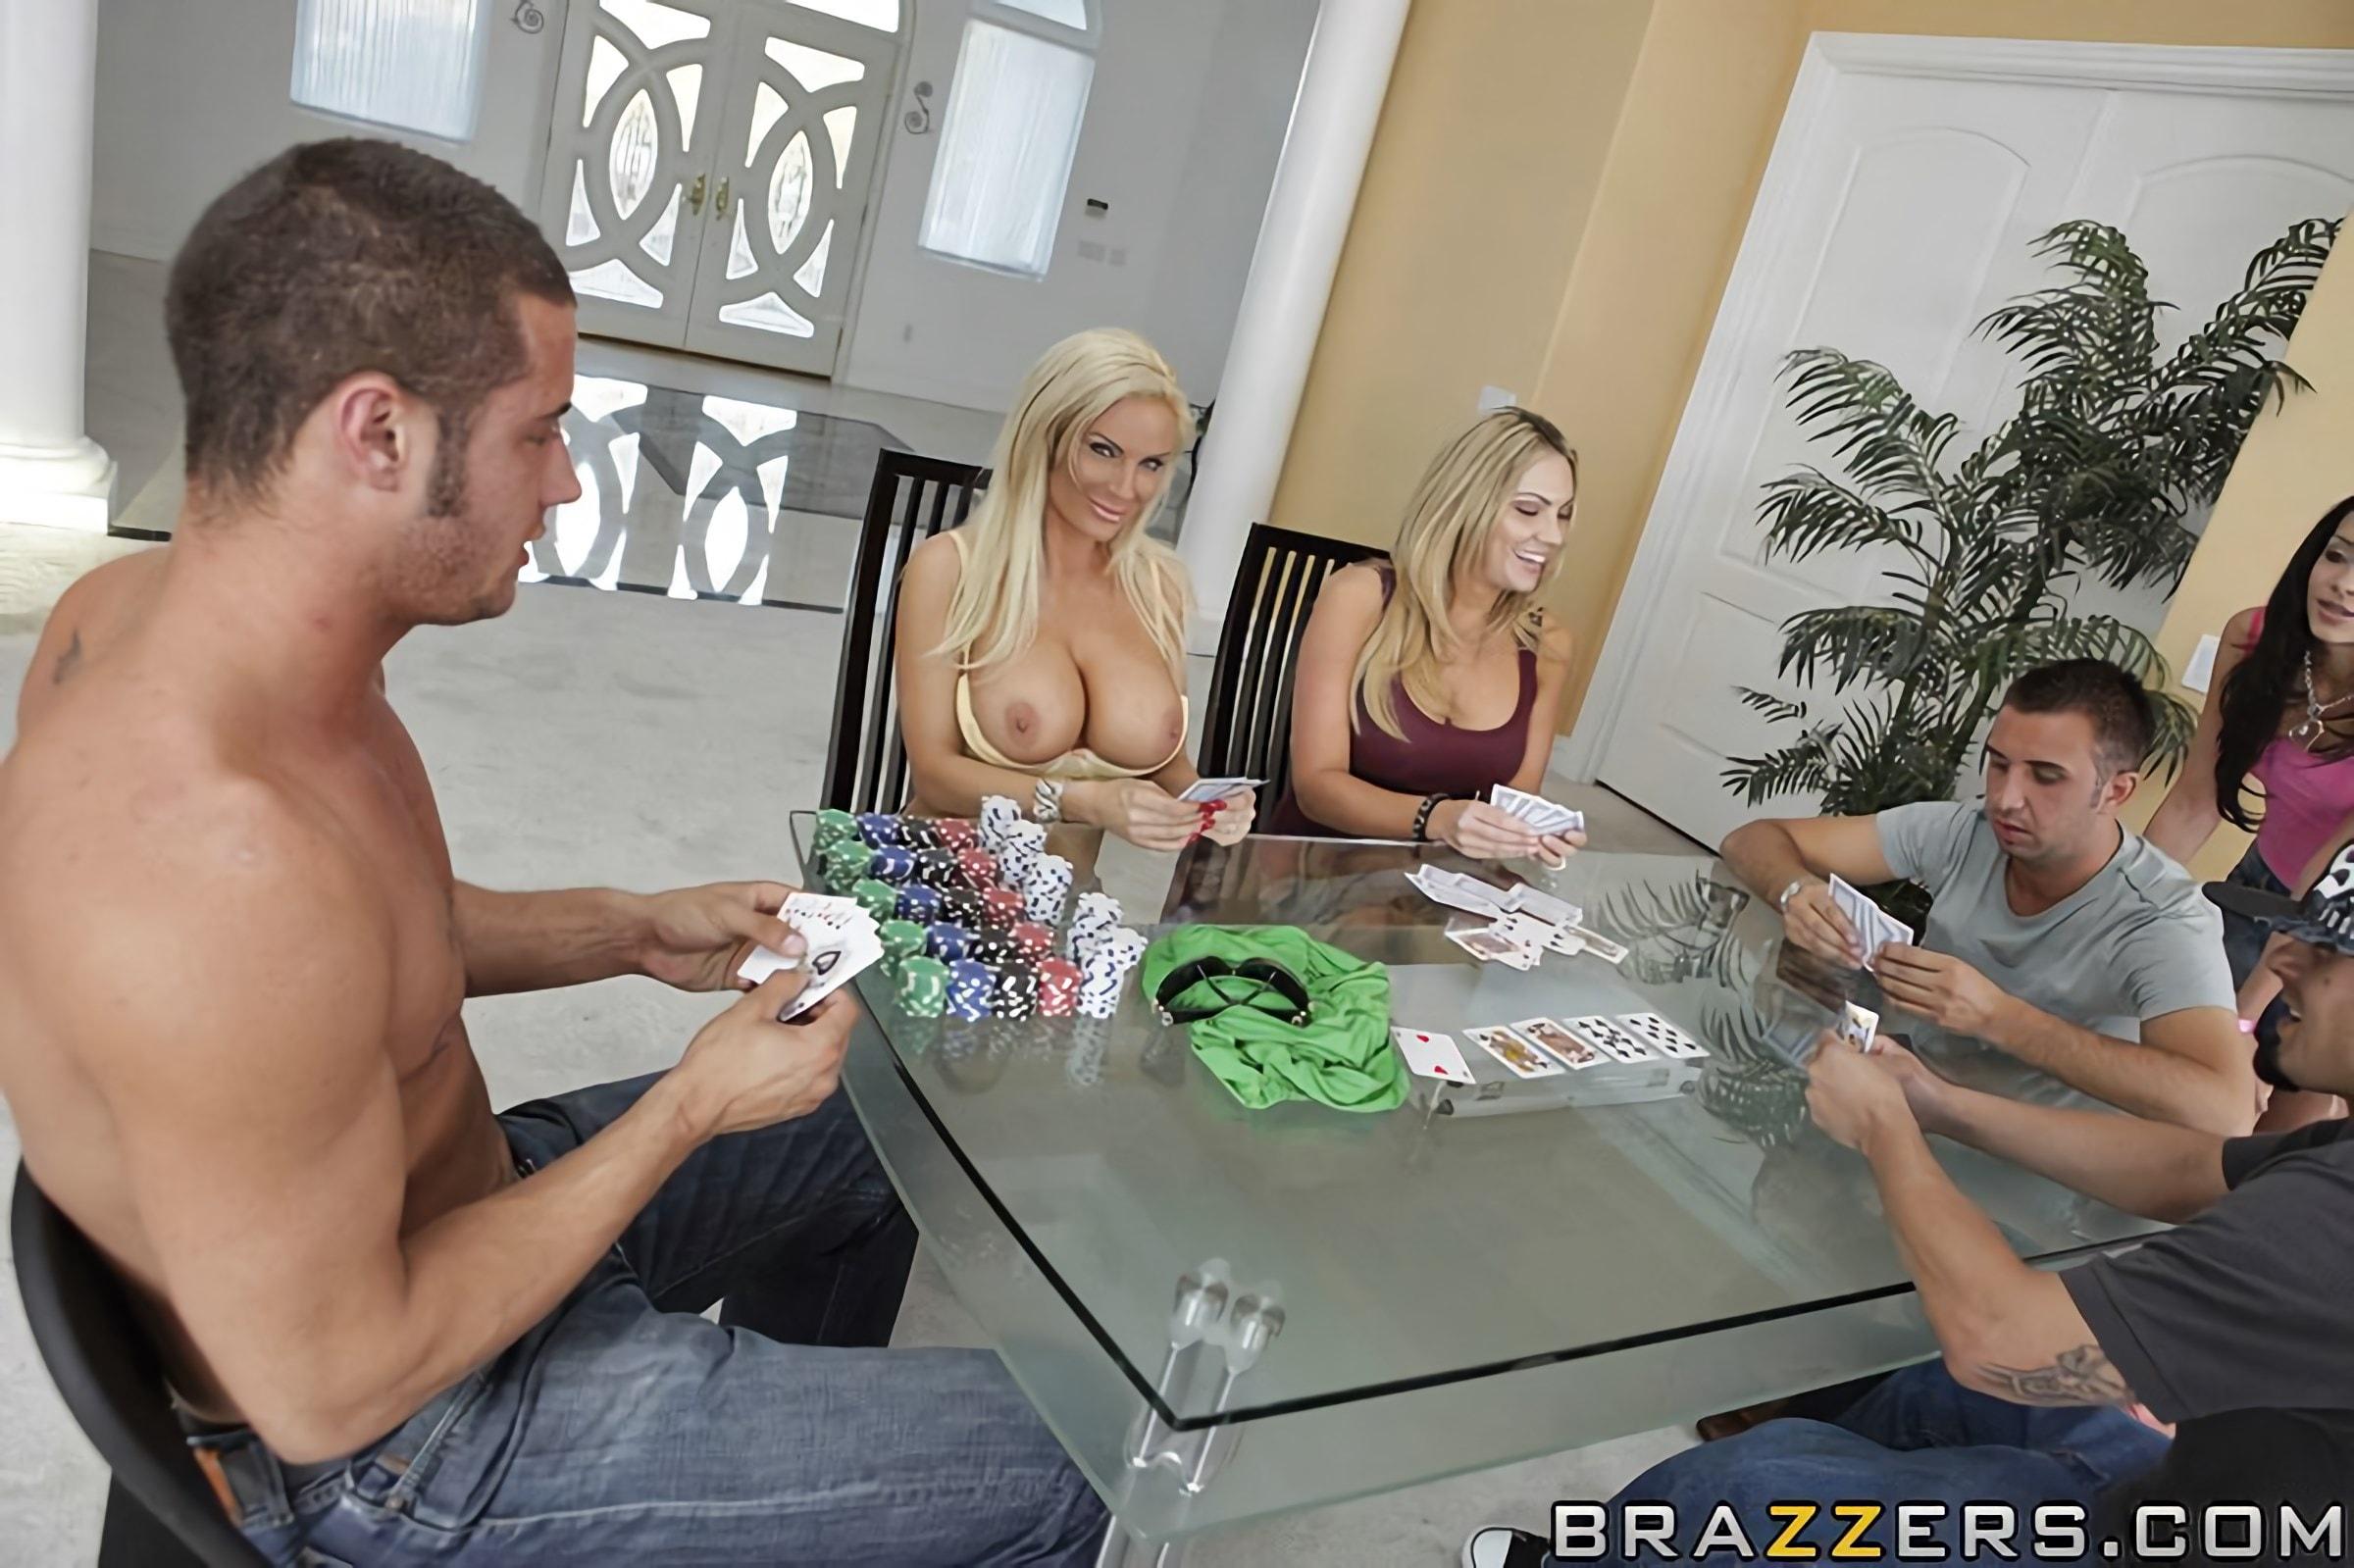 Порно зрелых играют в покер, порно у бассейна лесби